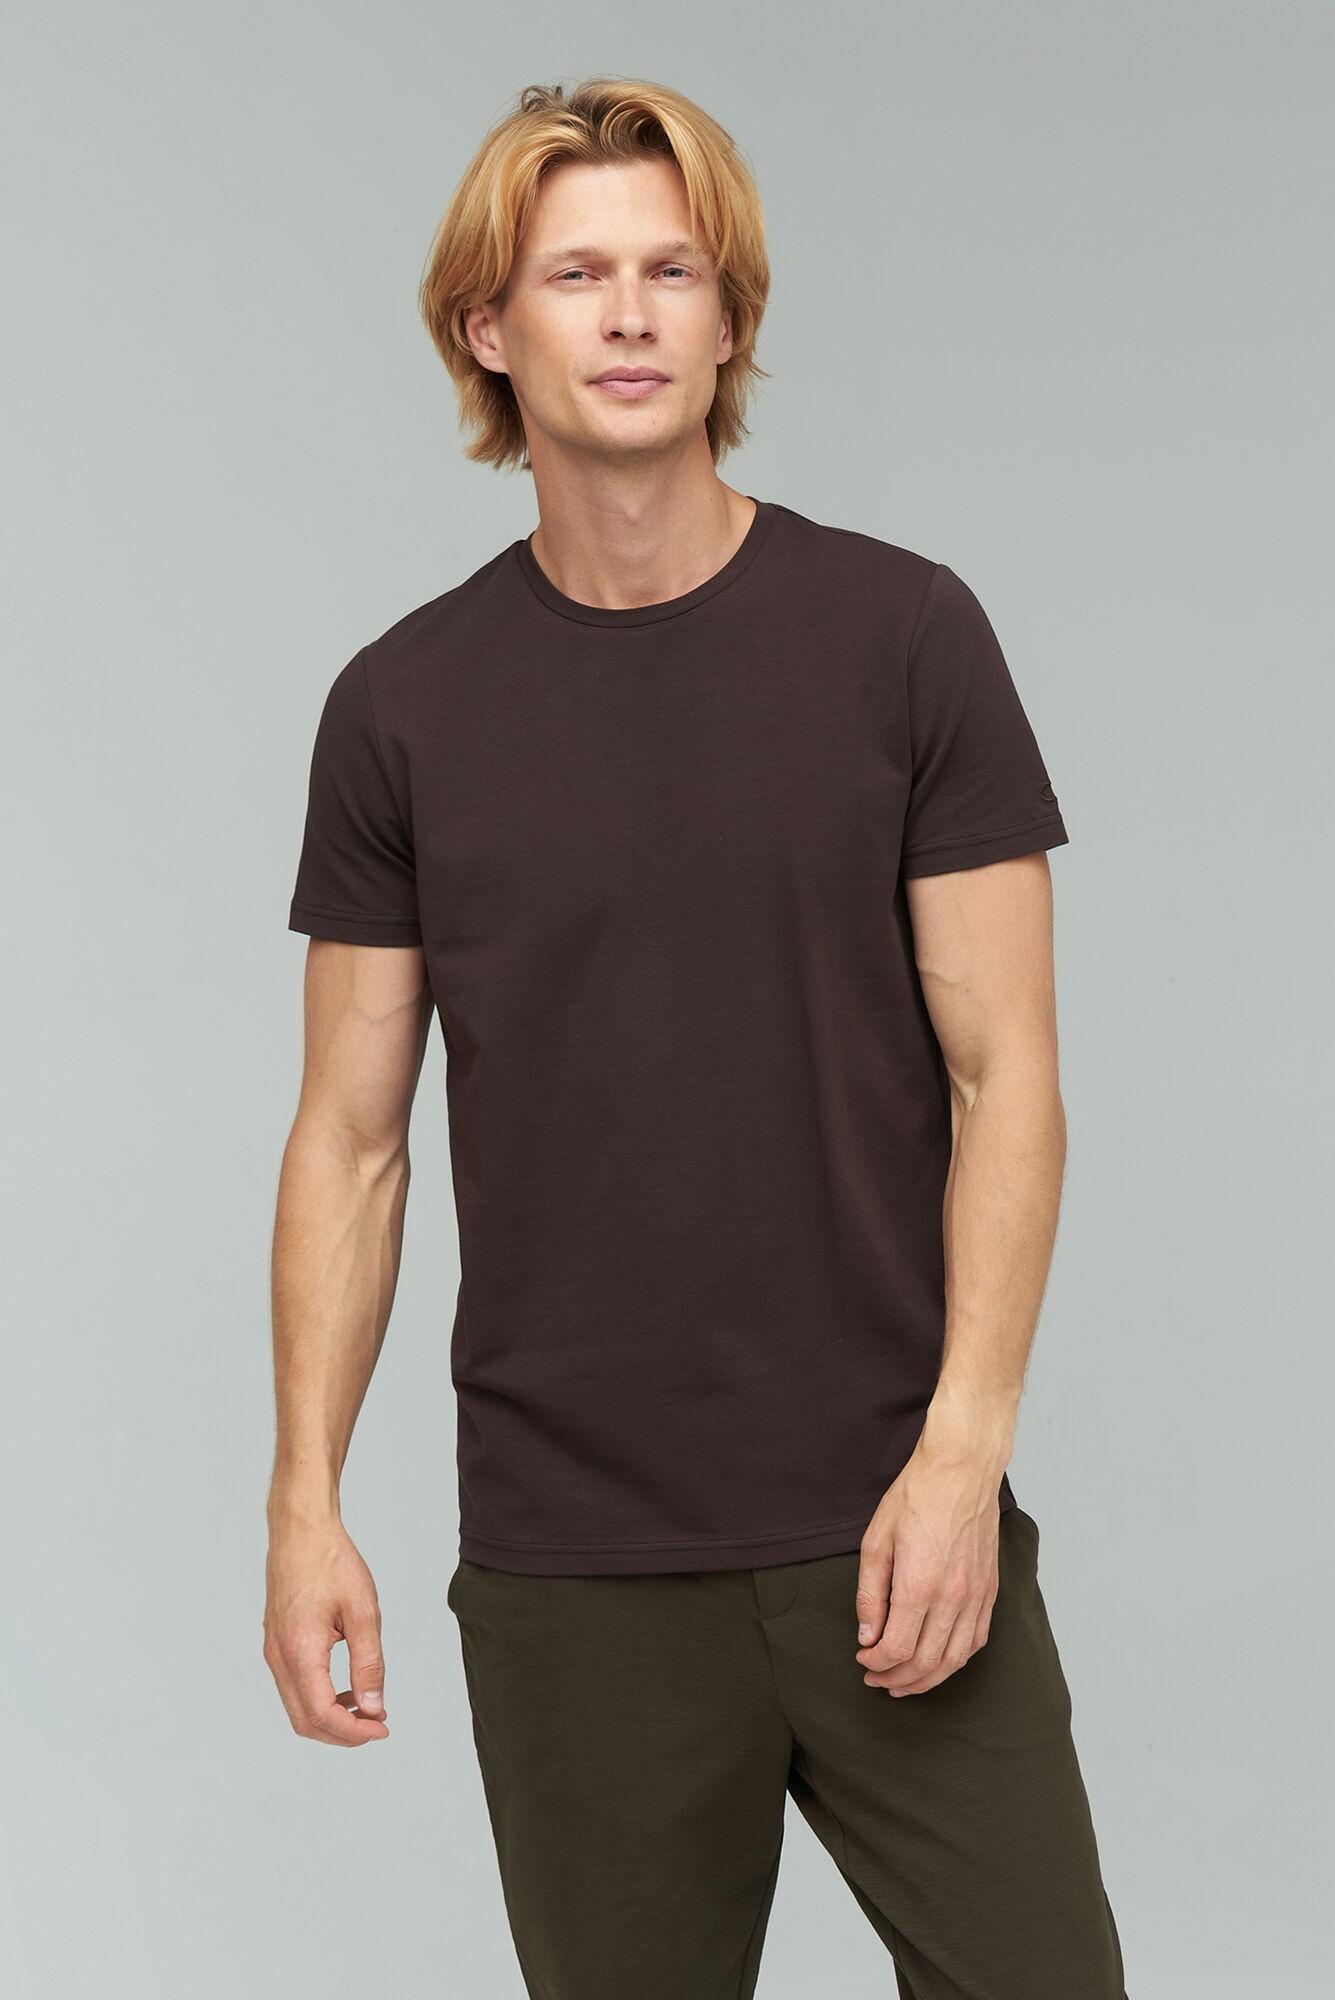 AUDIMAS Tamprūs medvilniniai marškinėliai 2011-472 Chocolate Torte M